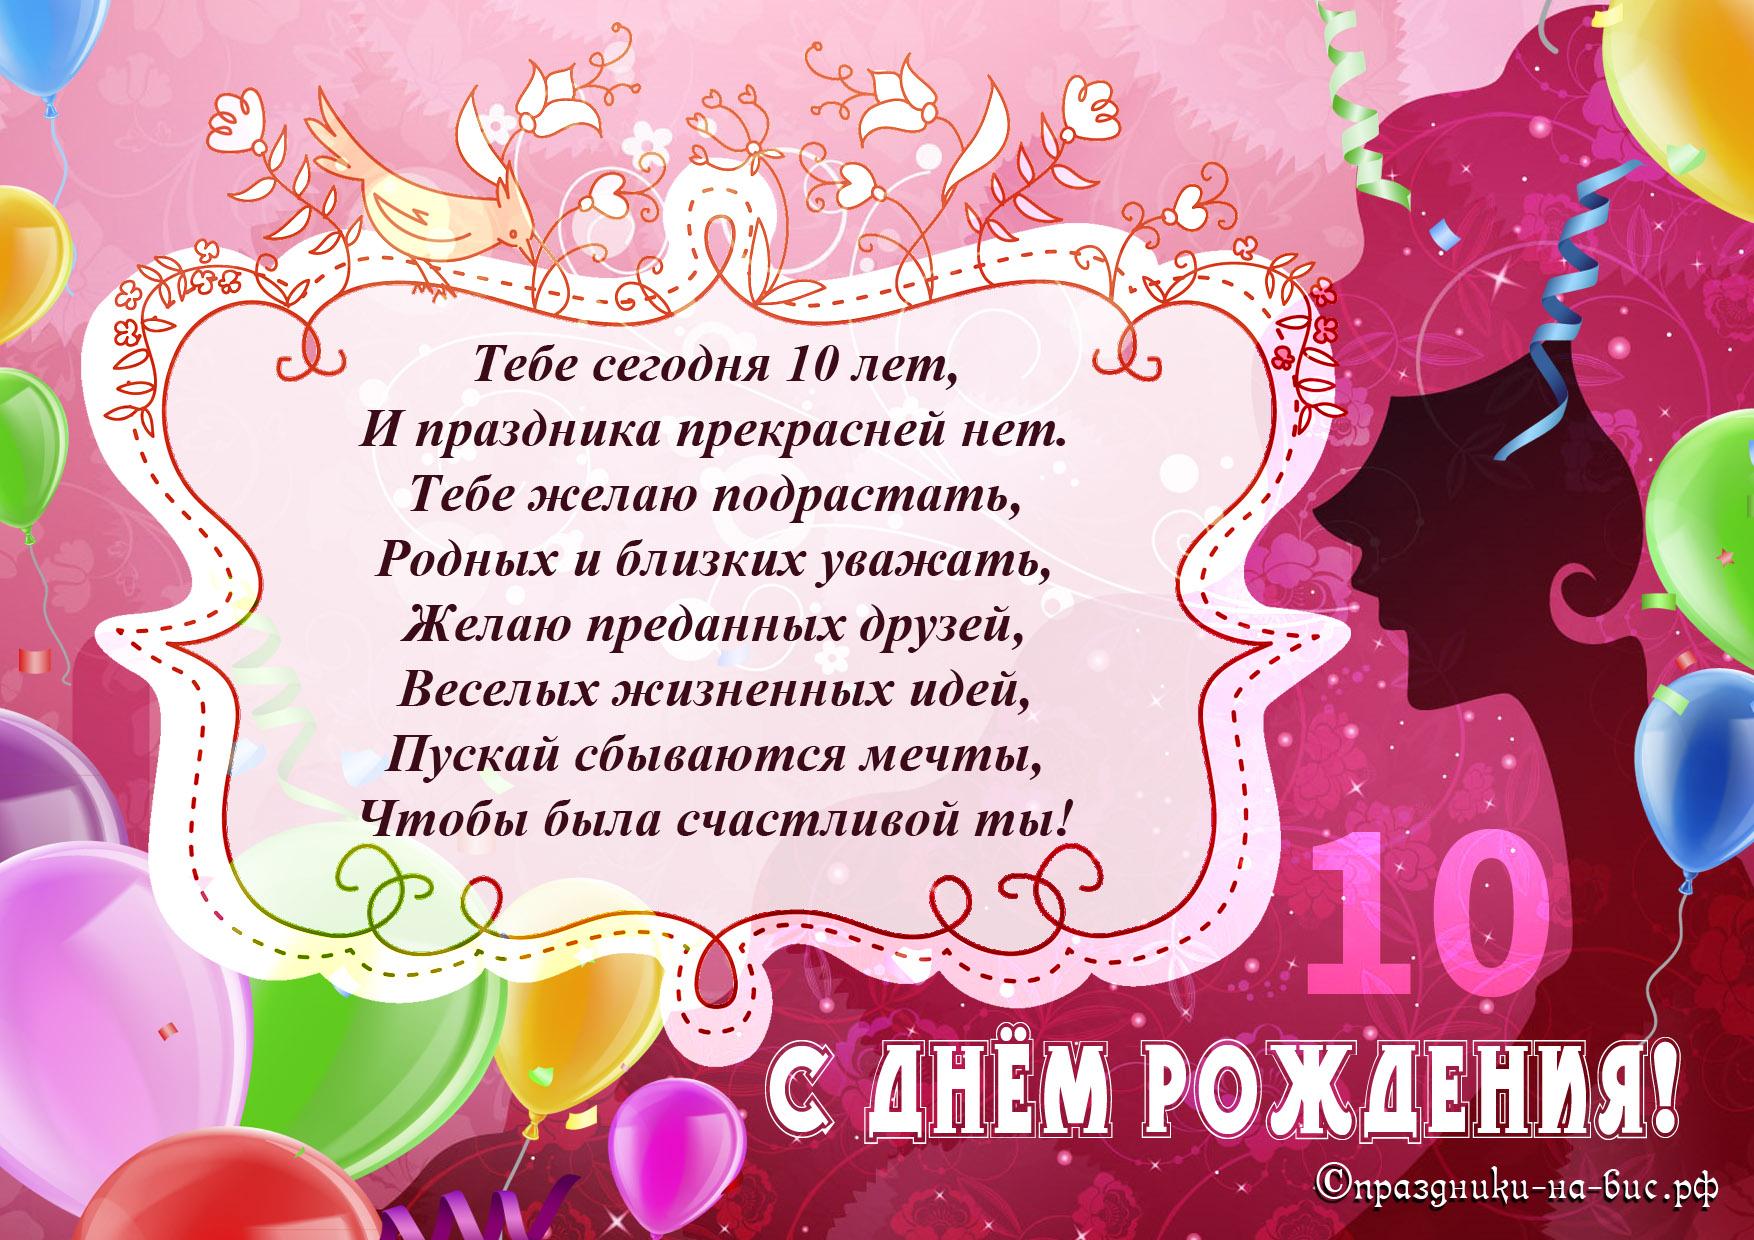 Поздравление дочери с днем рождения на 10 лет